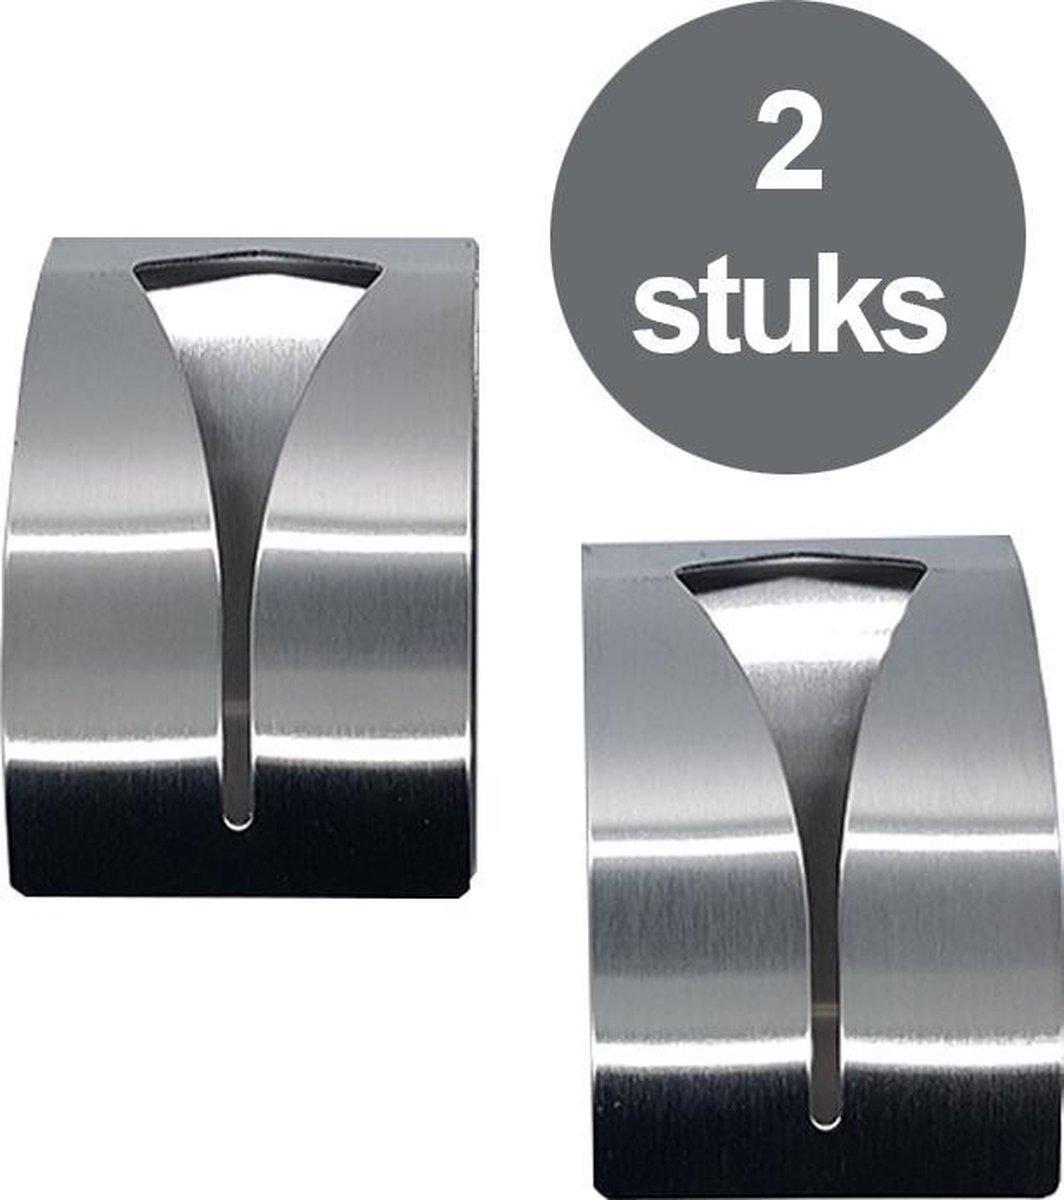 2 Stuks RVS Handdoekhouders - Handdoek Klem - Handdoek haak